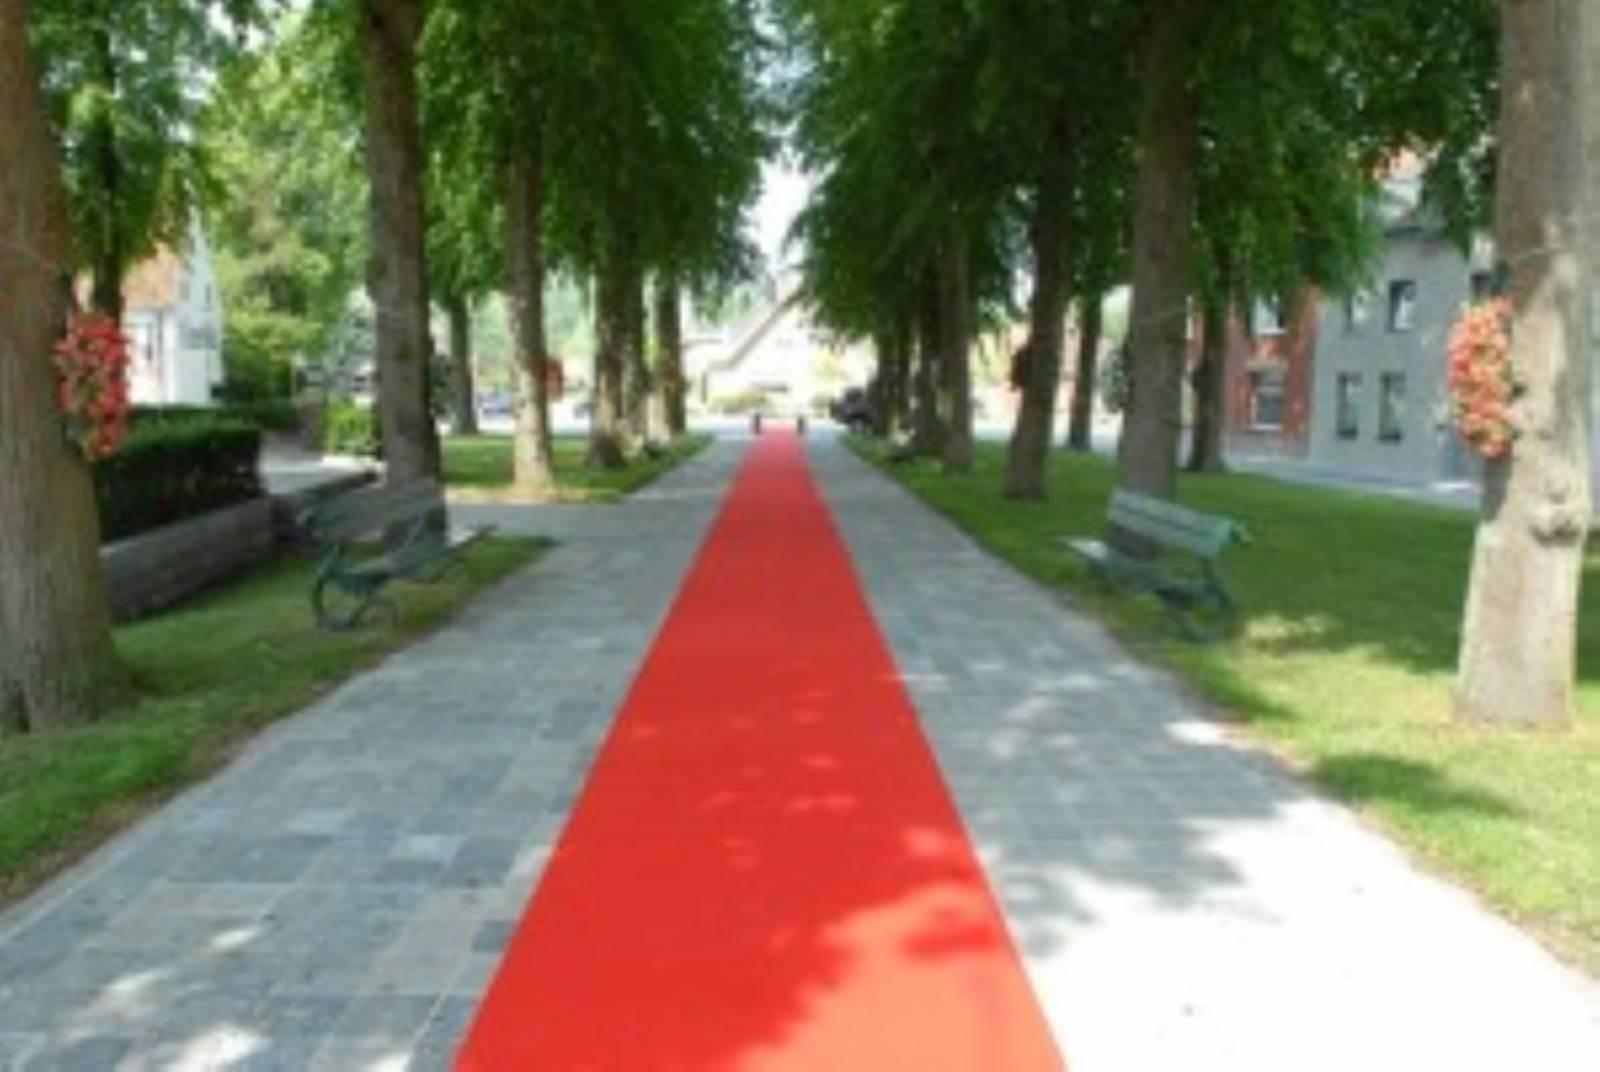 House of Weddings Ceremonie Schoonbaert Trouwvervoer Rode Loper Ceremoniemeester West-Vlaanderen (14)